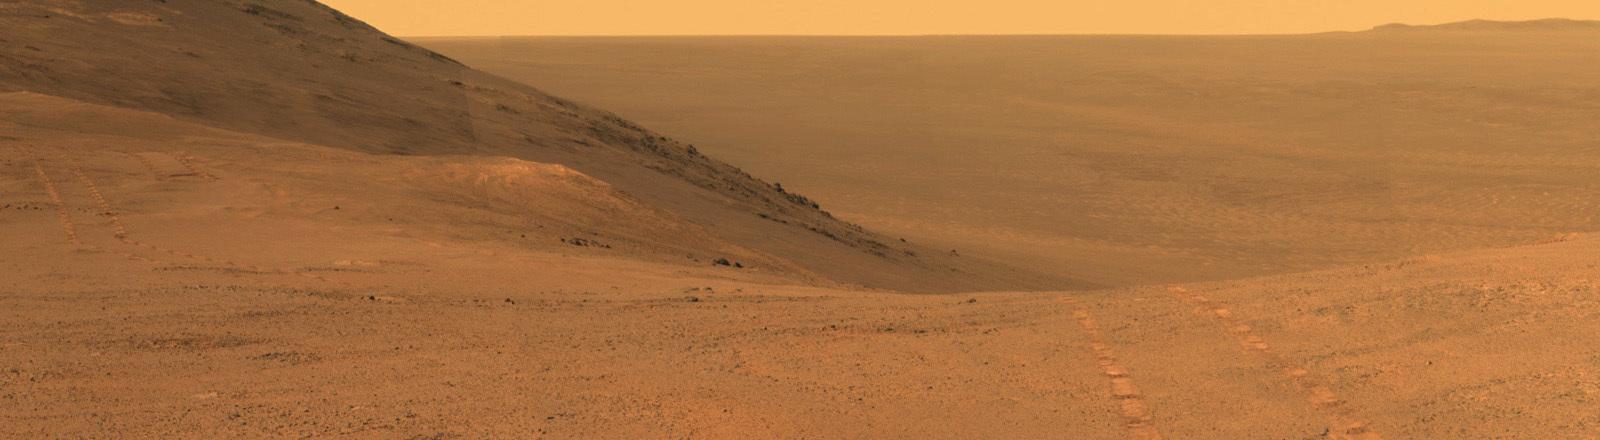 Bild vom Planeten Mars, rote Wüste mit den Spuren vom Mars-Rover.